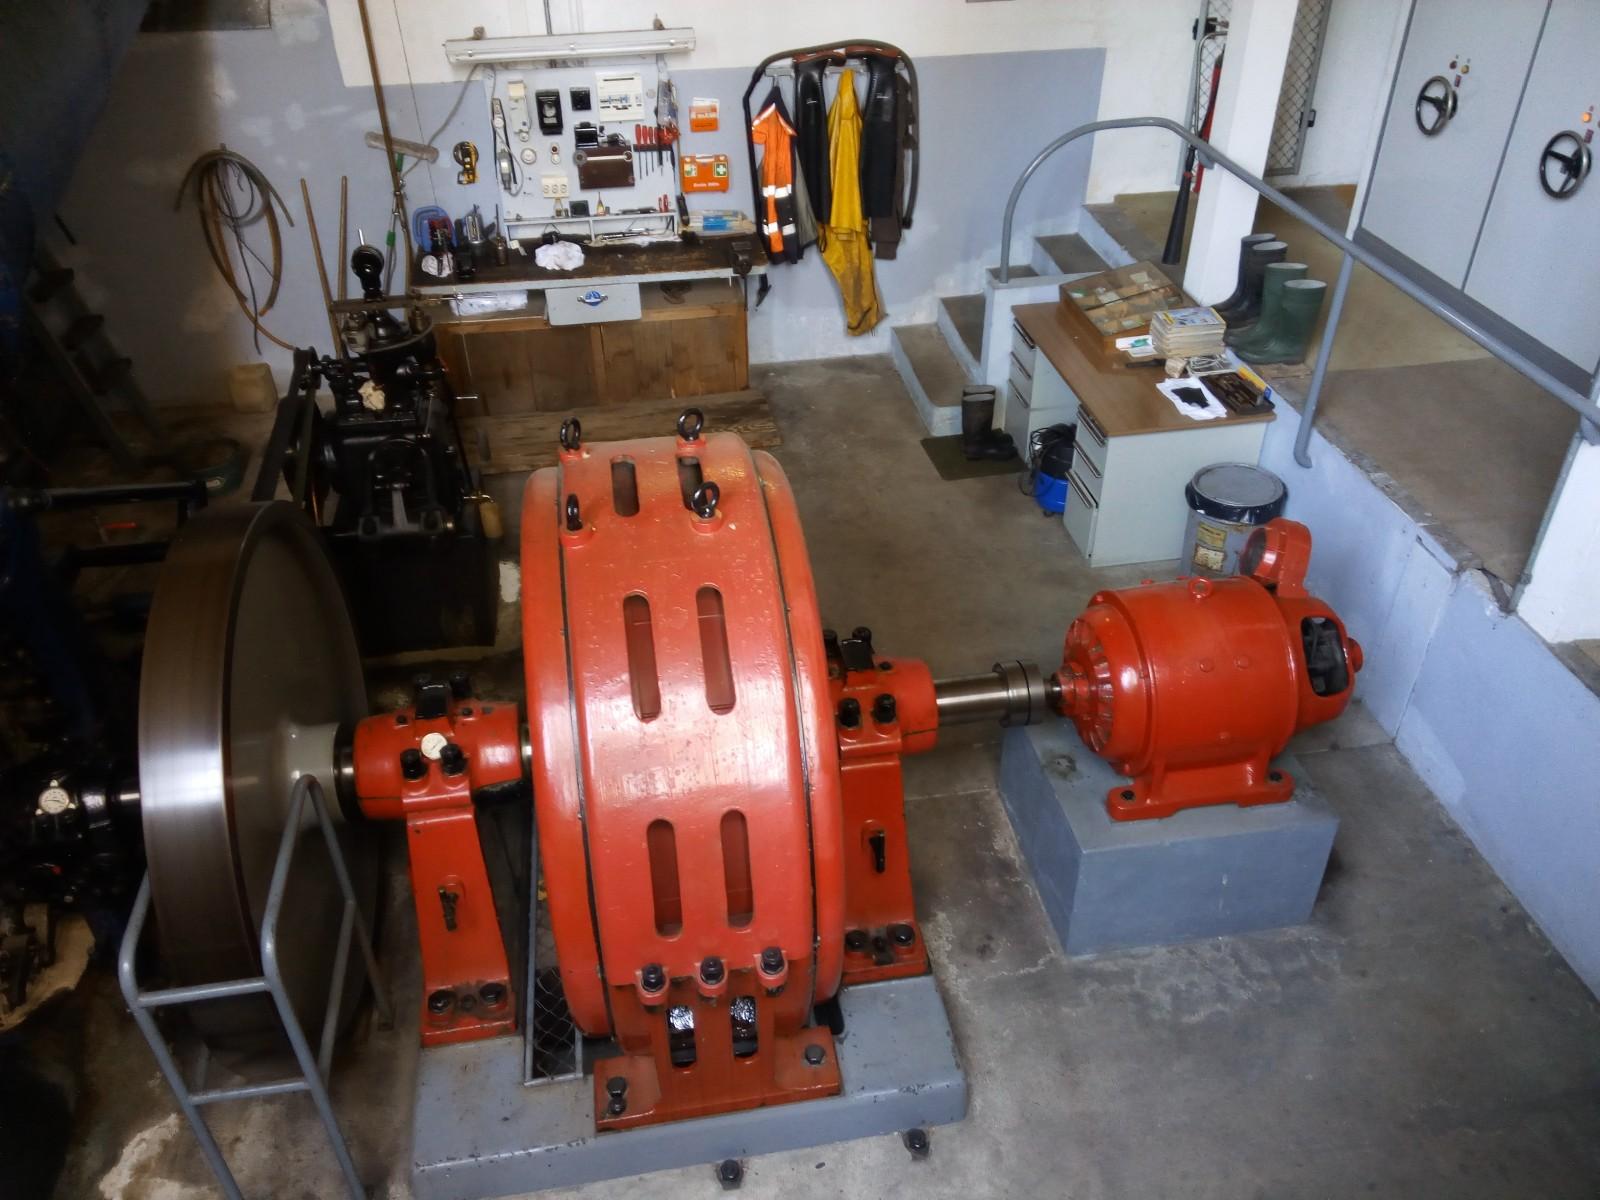 photo turbine dans la mini centrale hydraulique. Black Bedroom Furniture Sets. Home Design Ideas